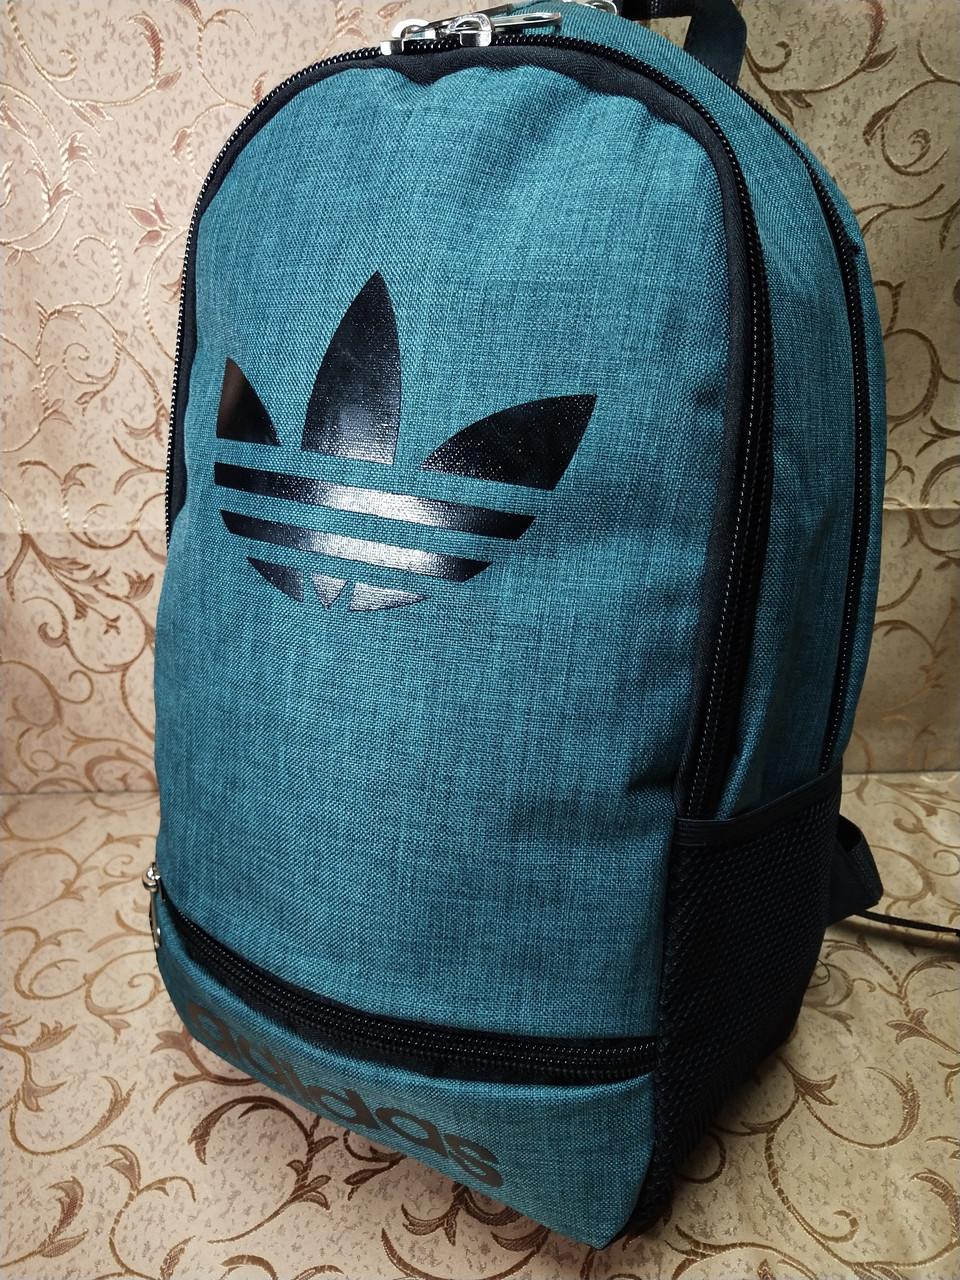 (44*30-большое)Рюкзак спортивный ADIDAS Мессенджер спорт городской стильный Школьный рюкзак только опт